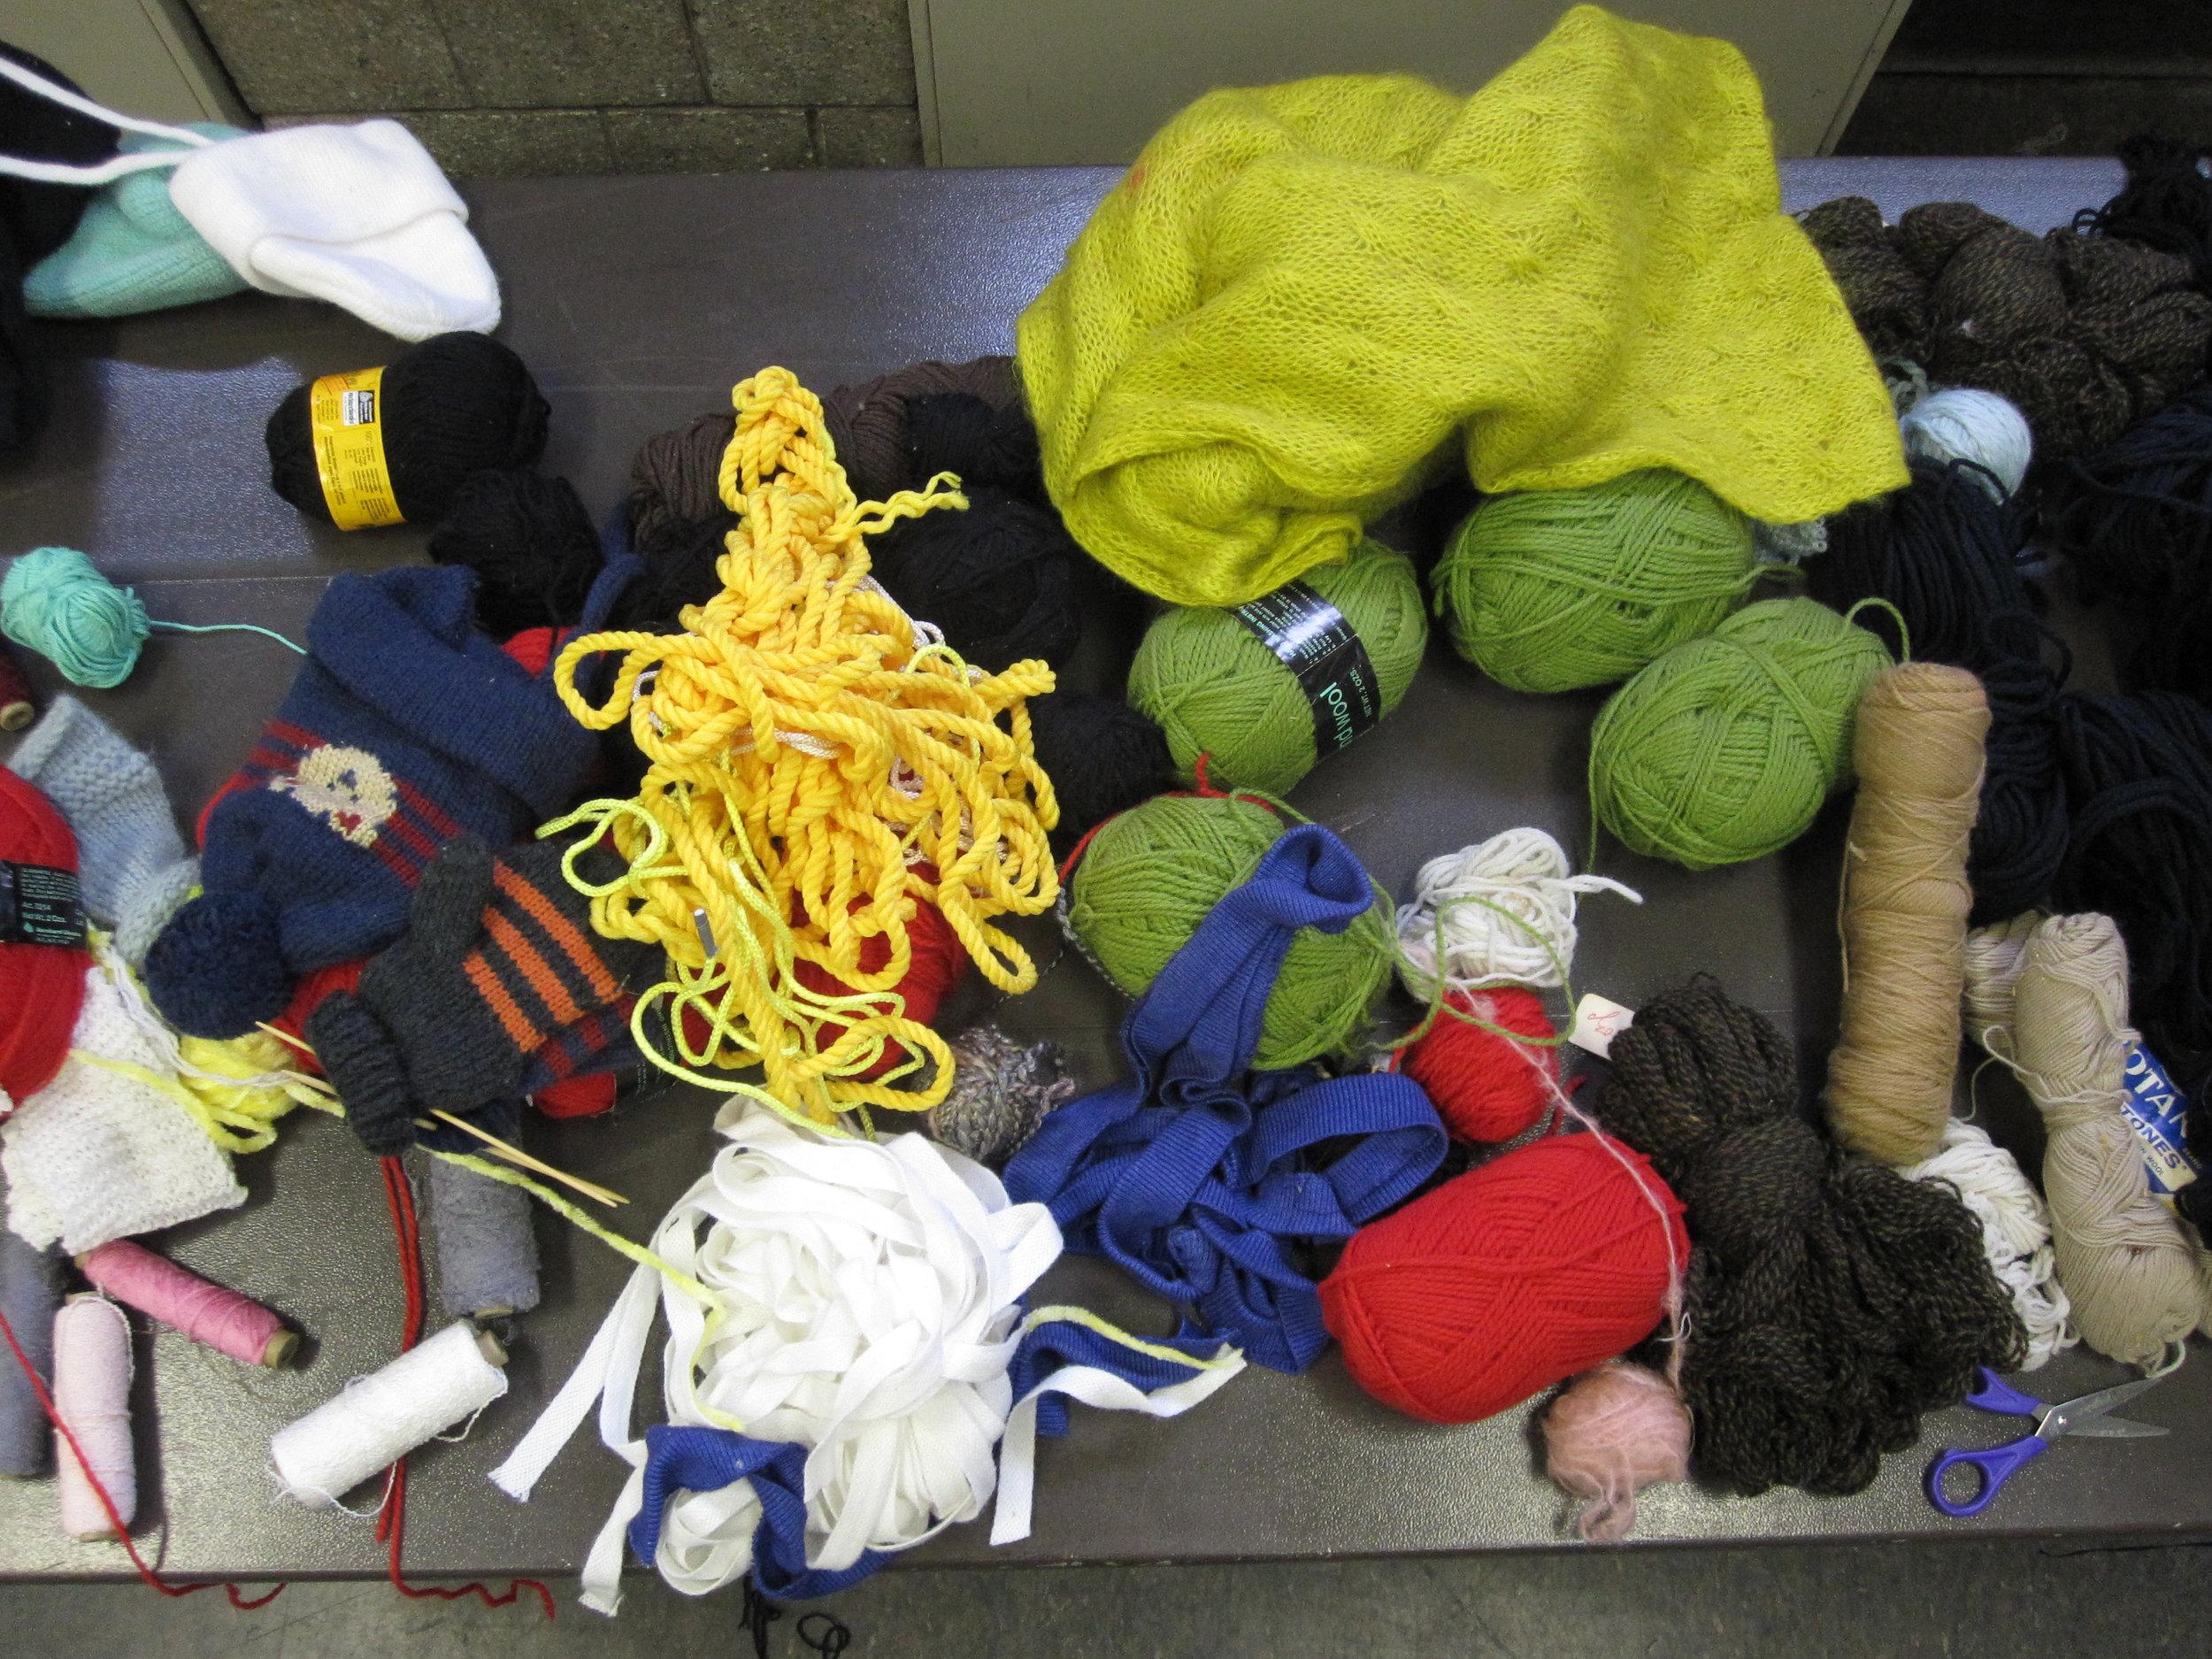 knittingmarathon10_4314429525_o.jpg